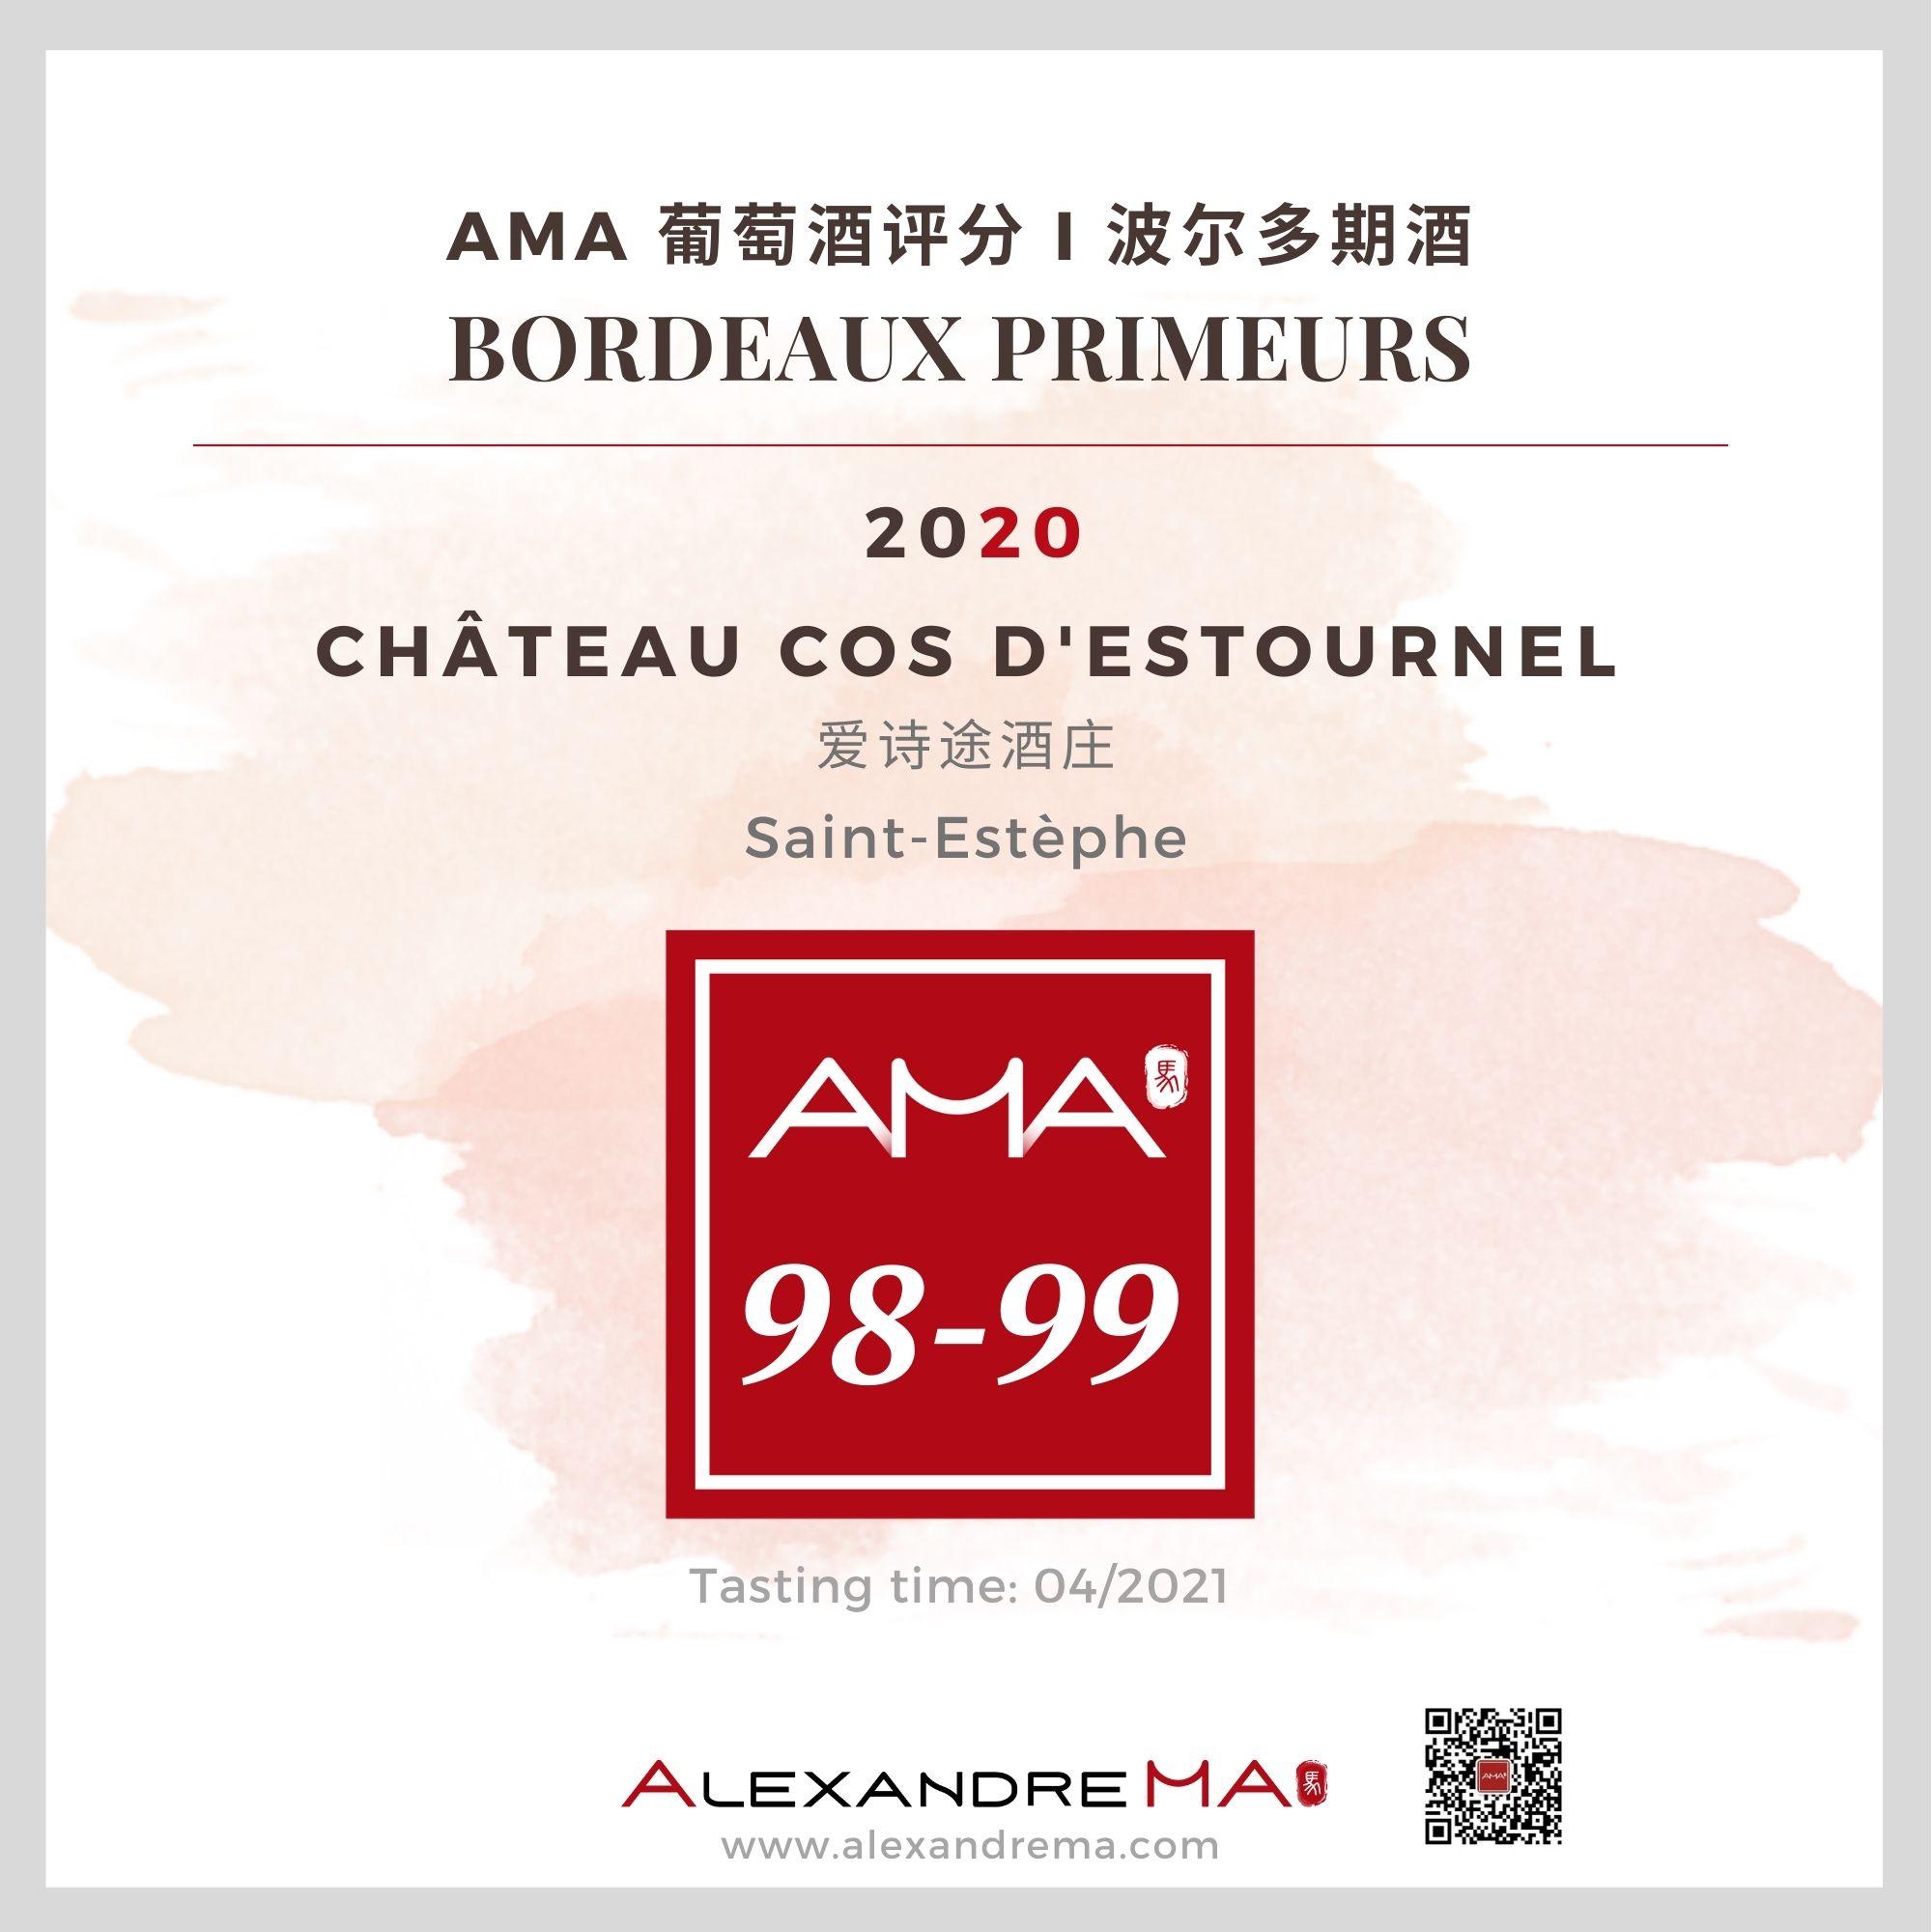 Château Cos d'Estournel 2020 爱诗途酒庄 - Alexandre Ma